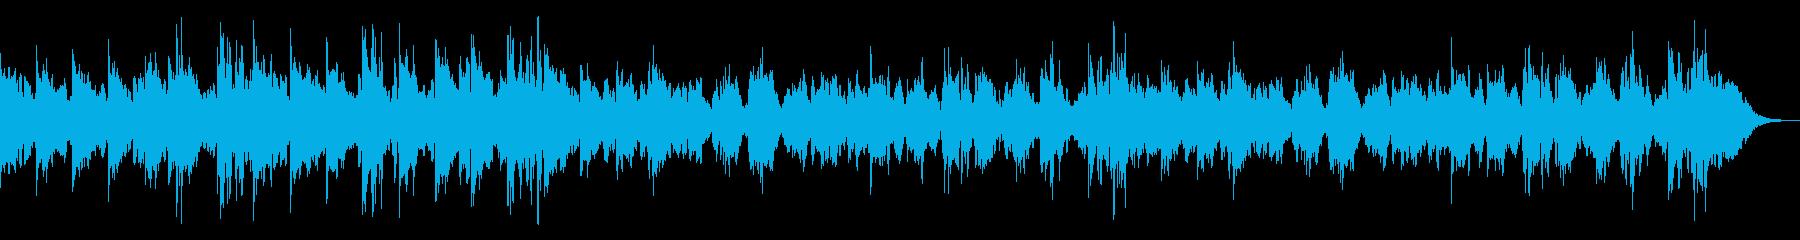 神秘的なシンセメインのアンビエントの再生済みの波形